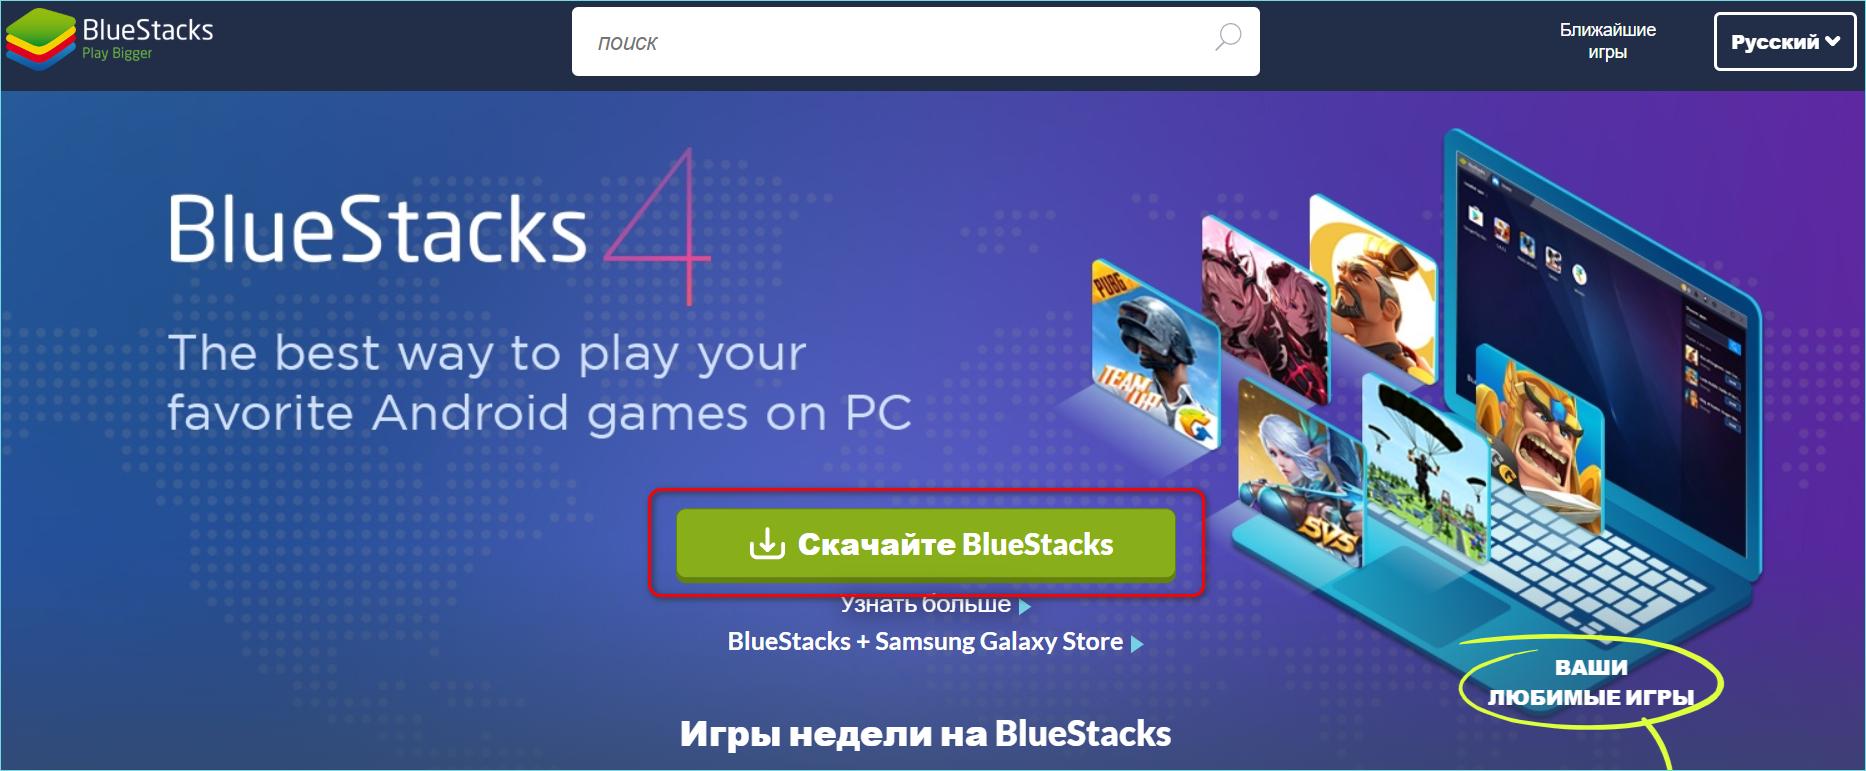 Скачивание Bluestacks